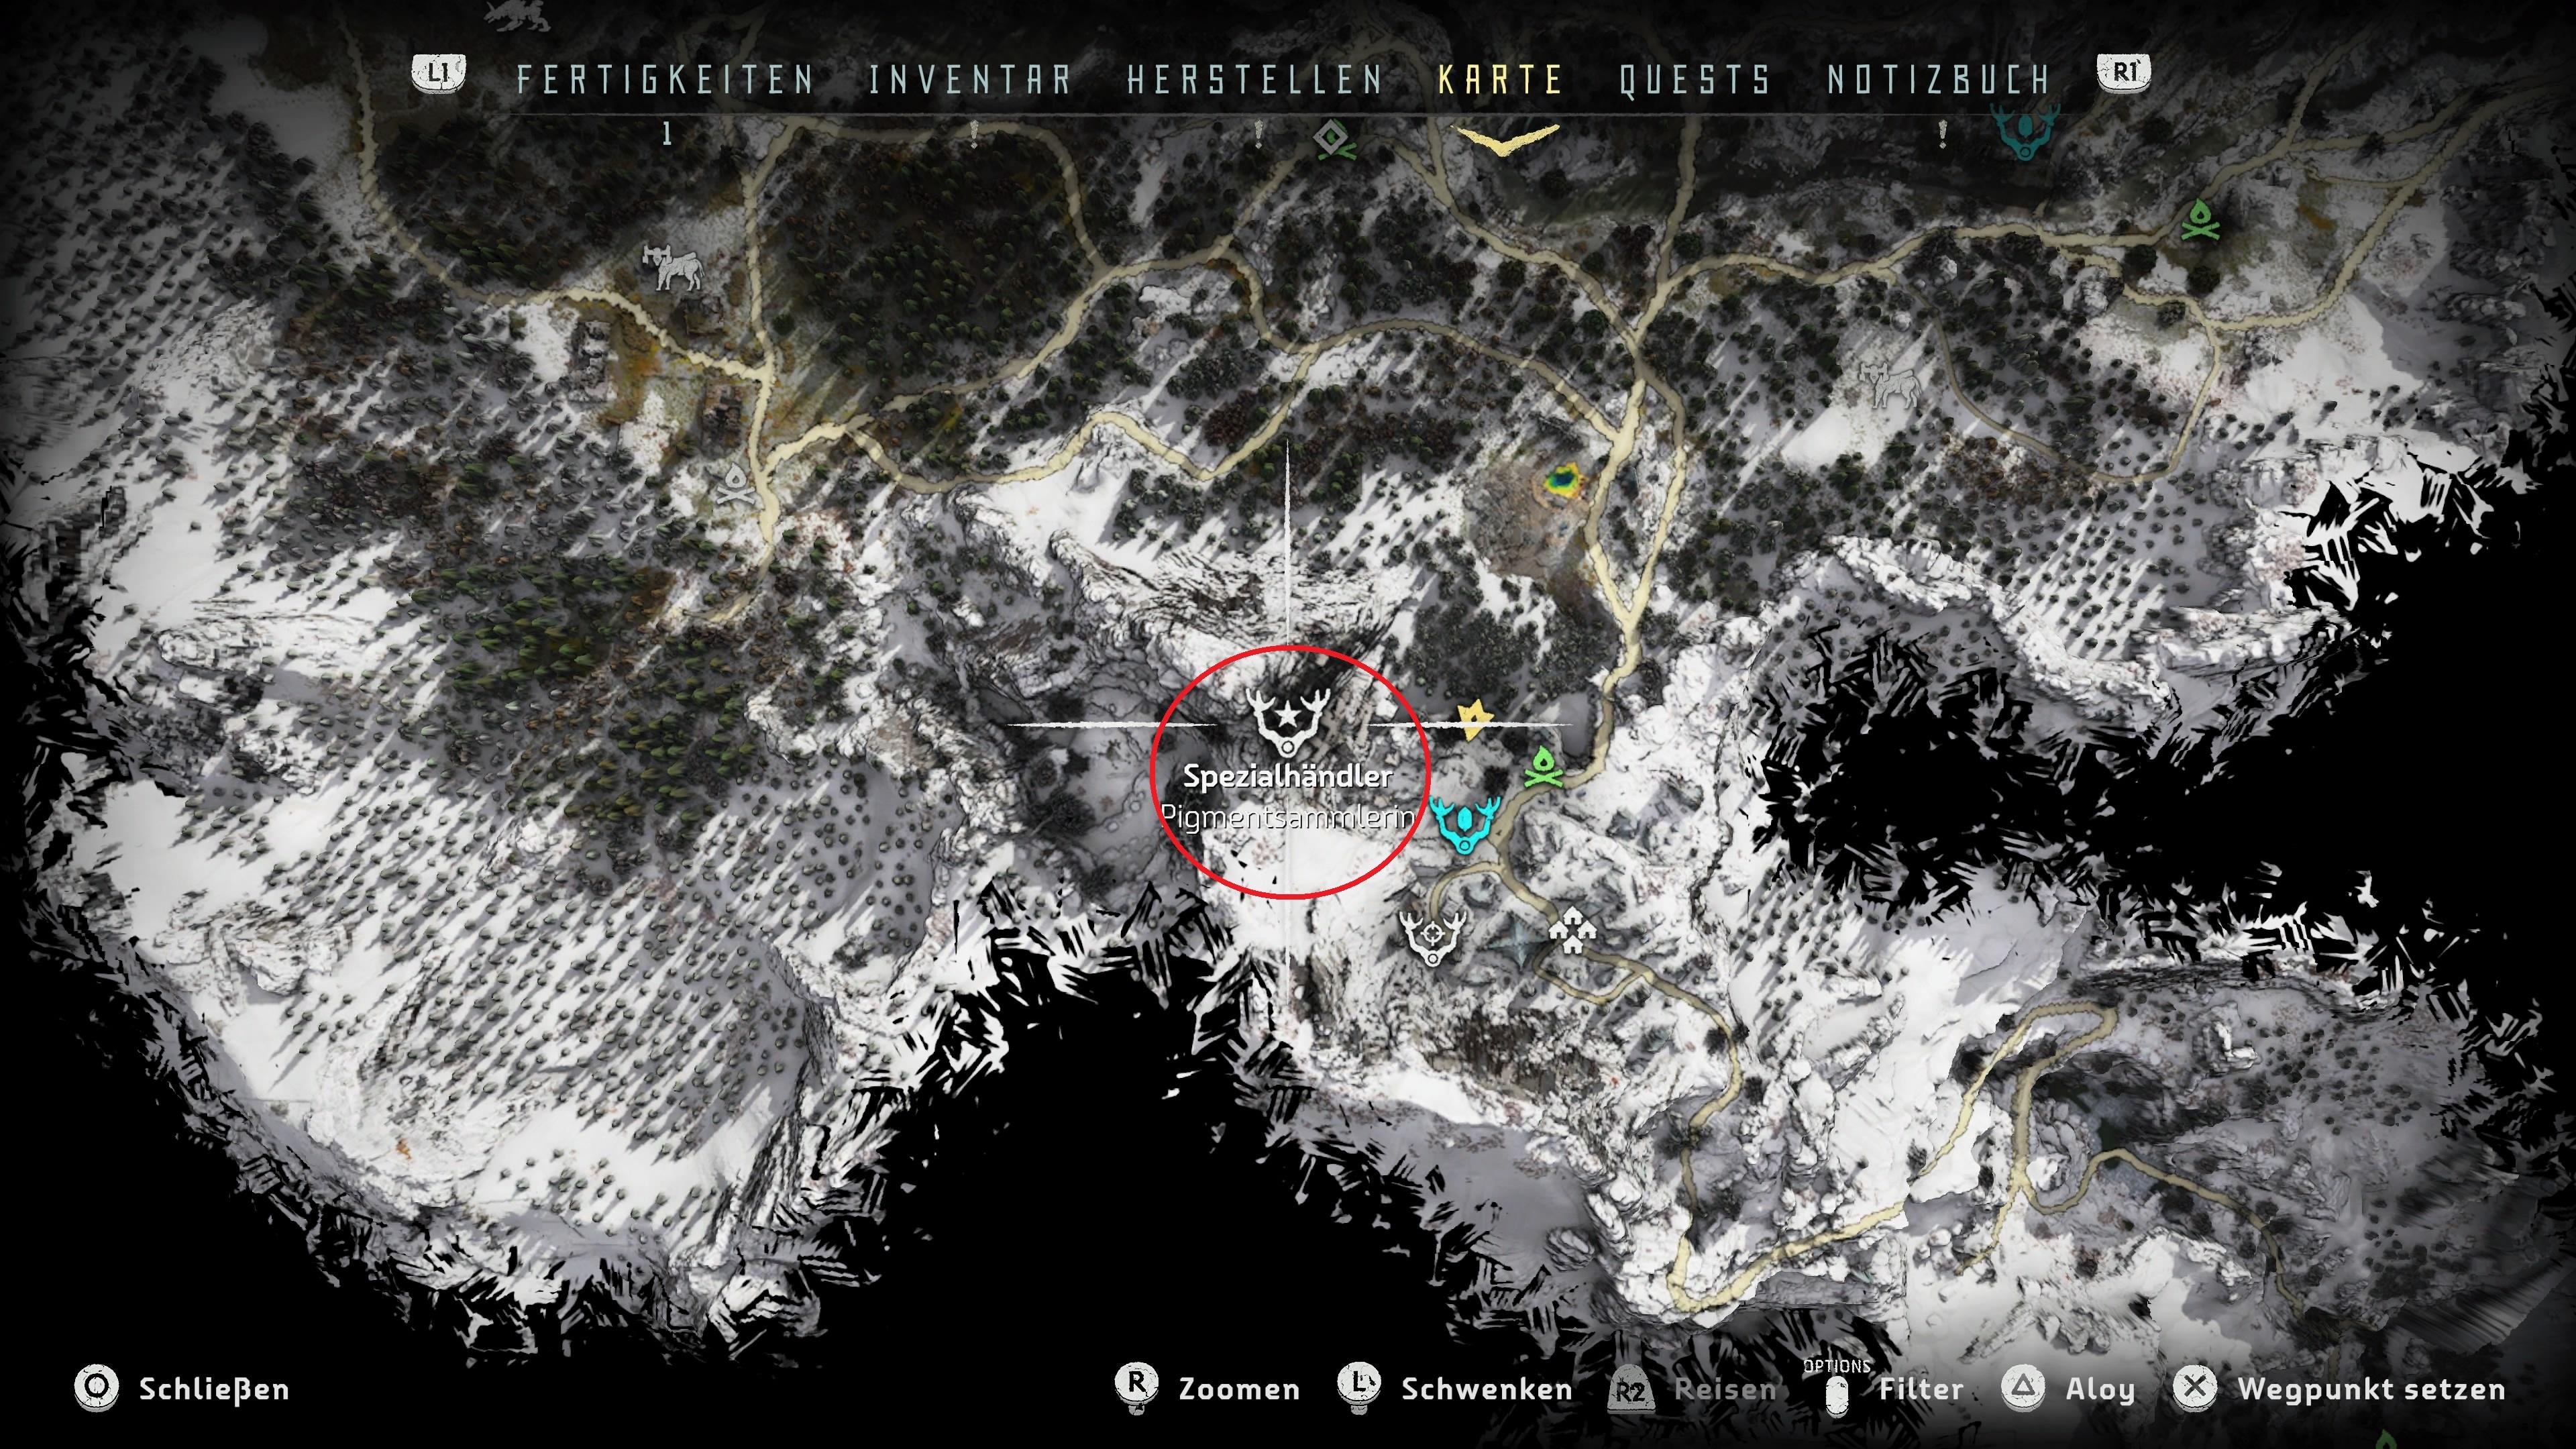 Horizon Zero Dawn Blauglanz Karte.Horizon Zero Dawn The Frozen Wilds Pigmente Fundorte Im Video